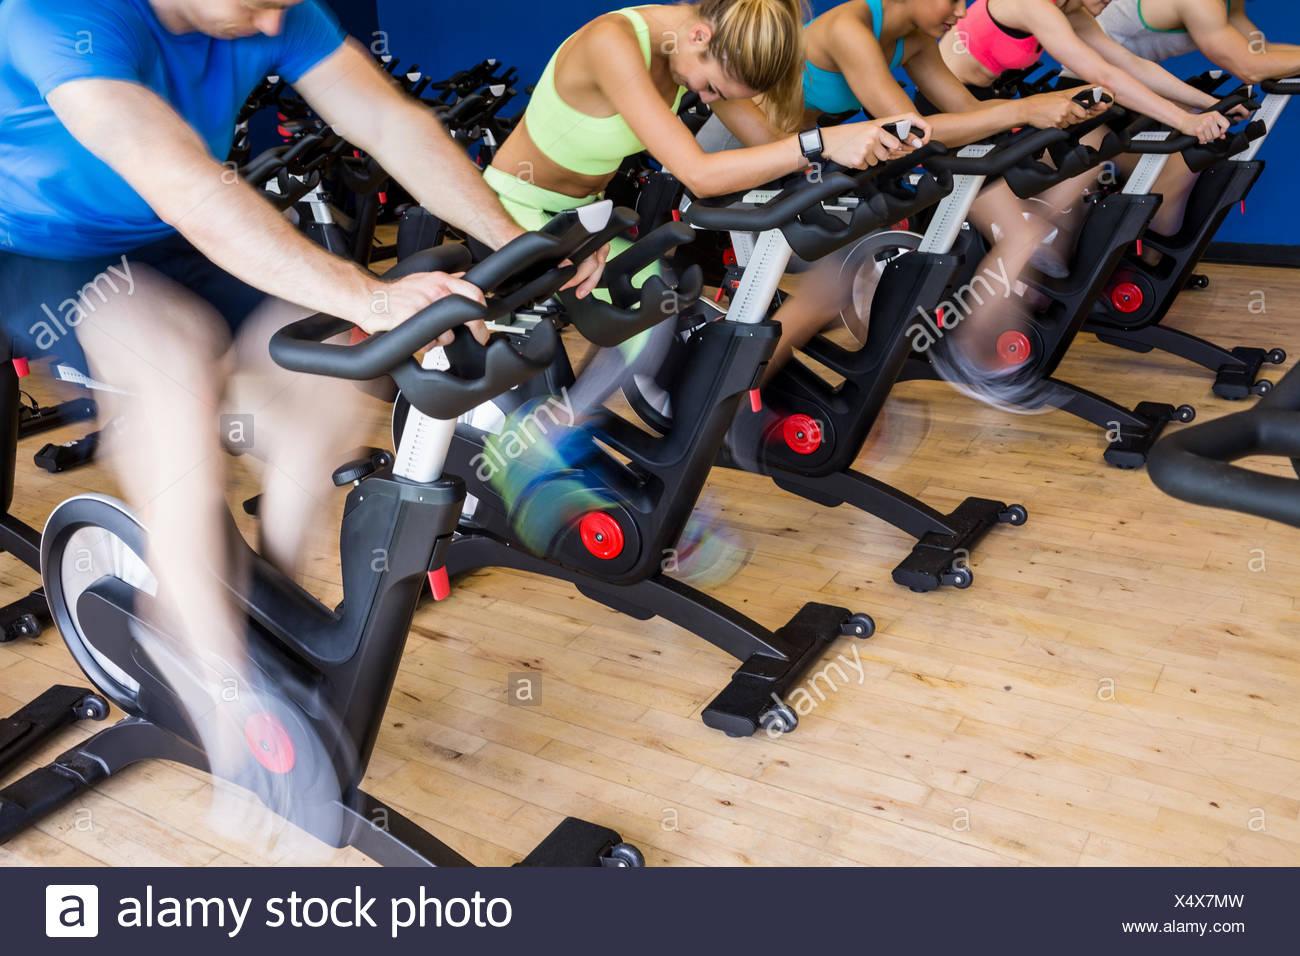 Menschen in einem Spin-Klasse passen Stockbild